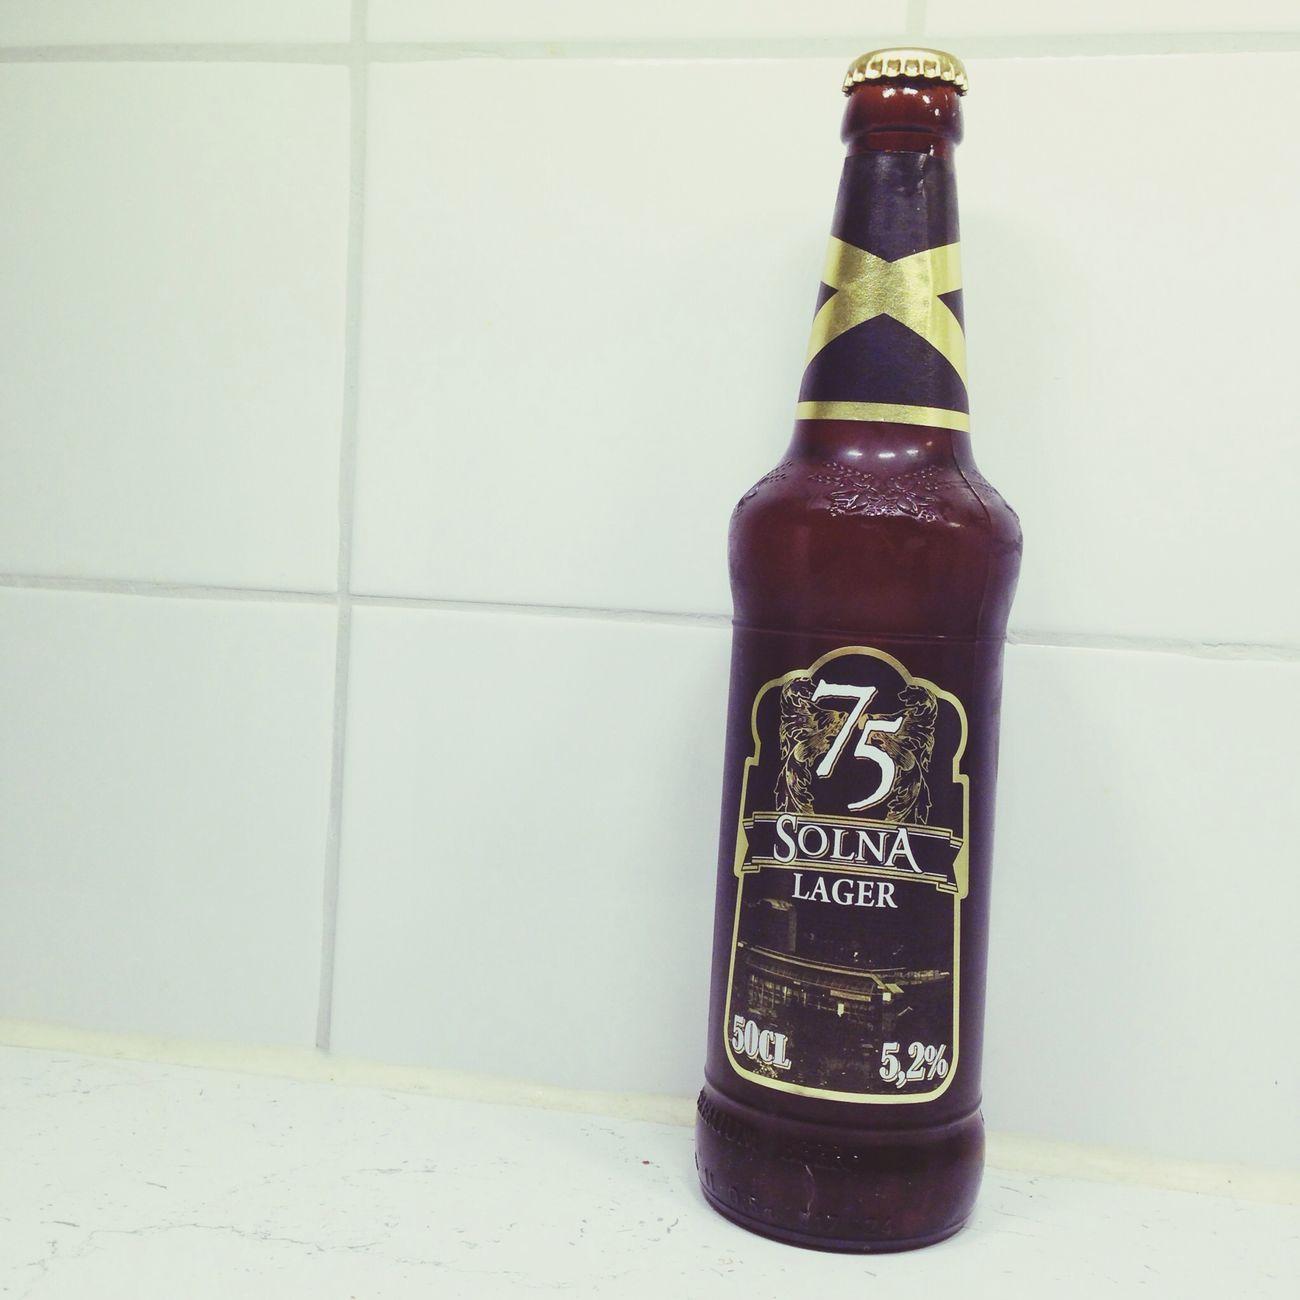 Solna öl i Danderyd